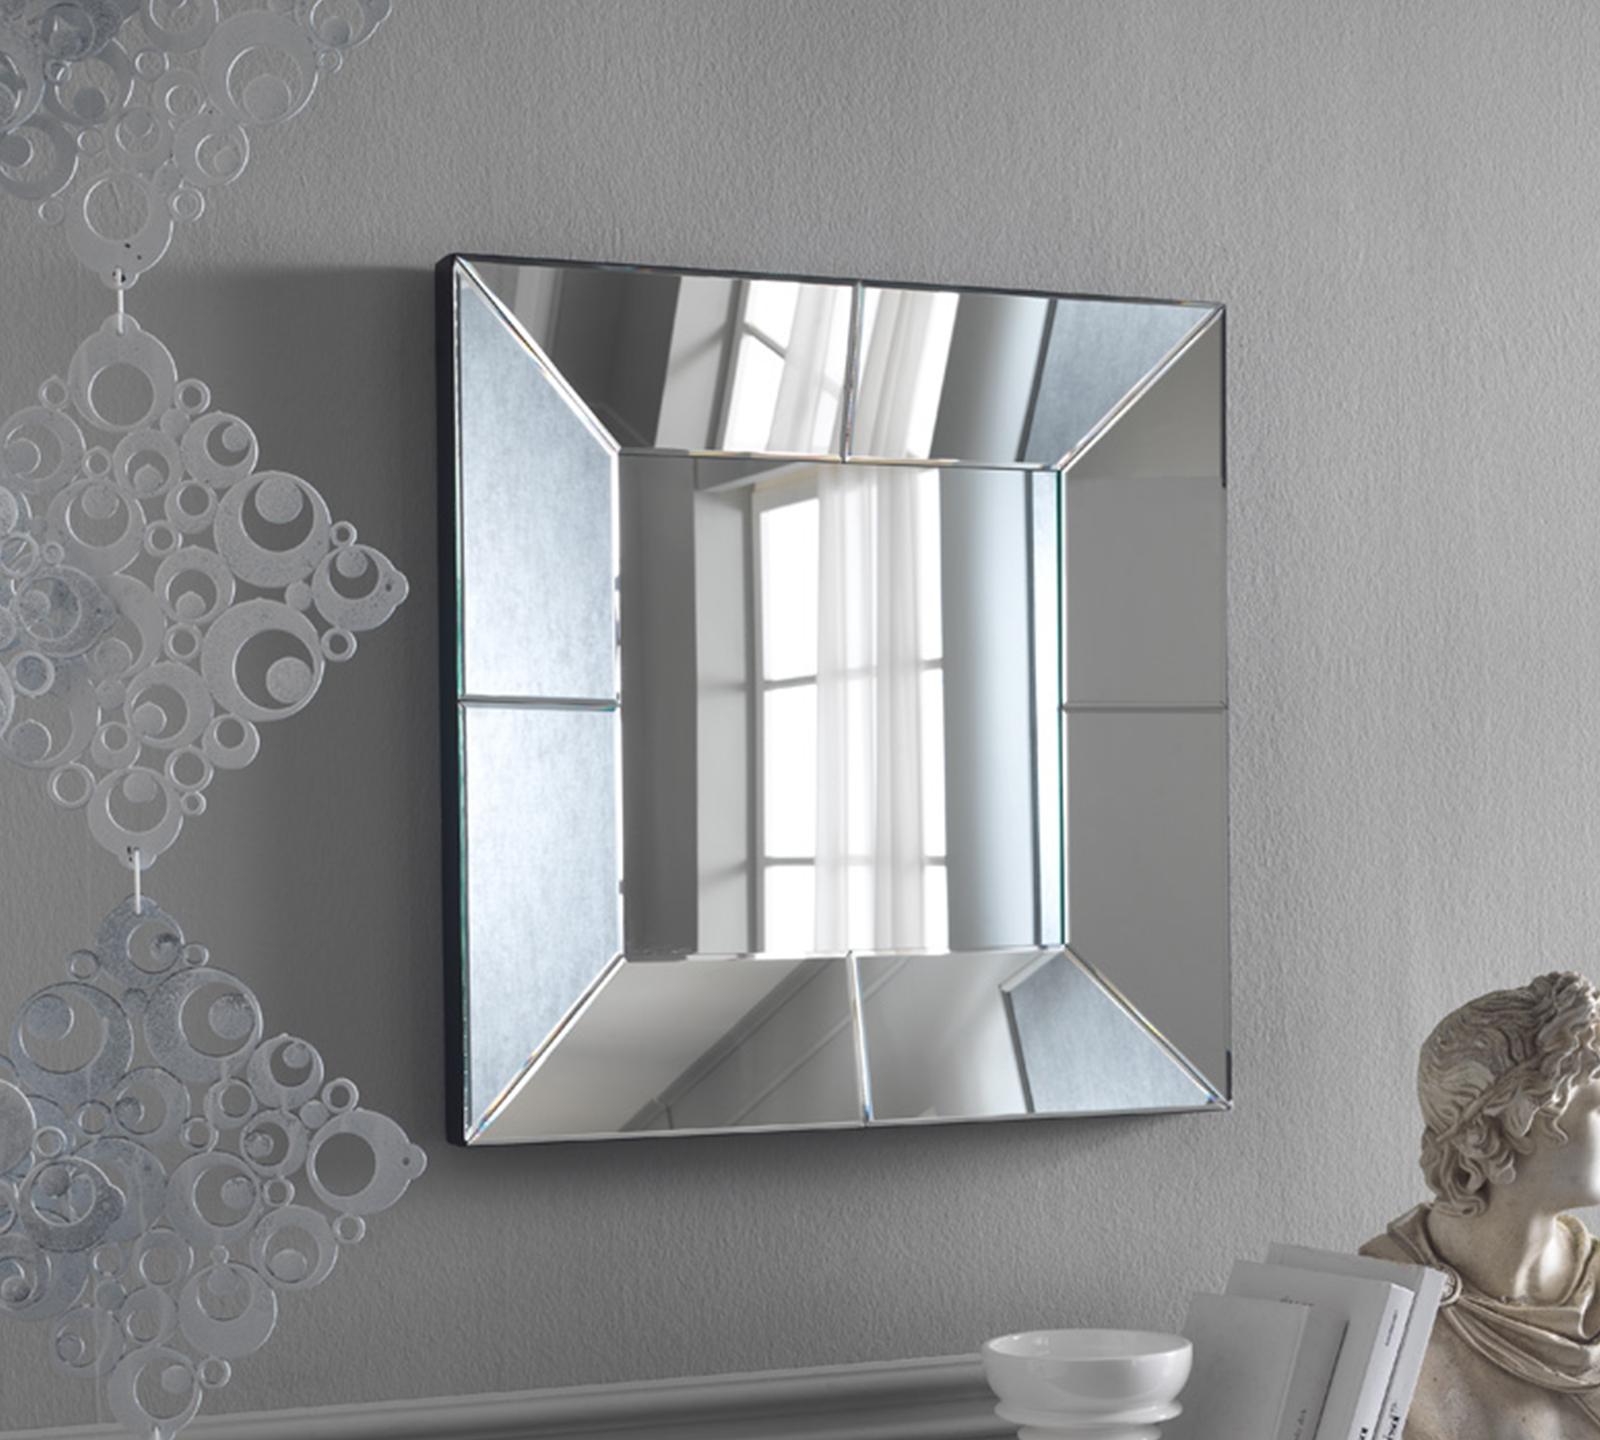 Vendita specchi classici e di design sumisura fabbrica - Specchi classici ...